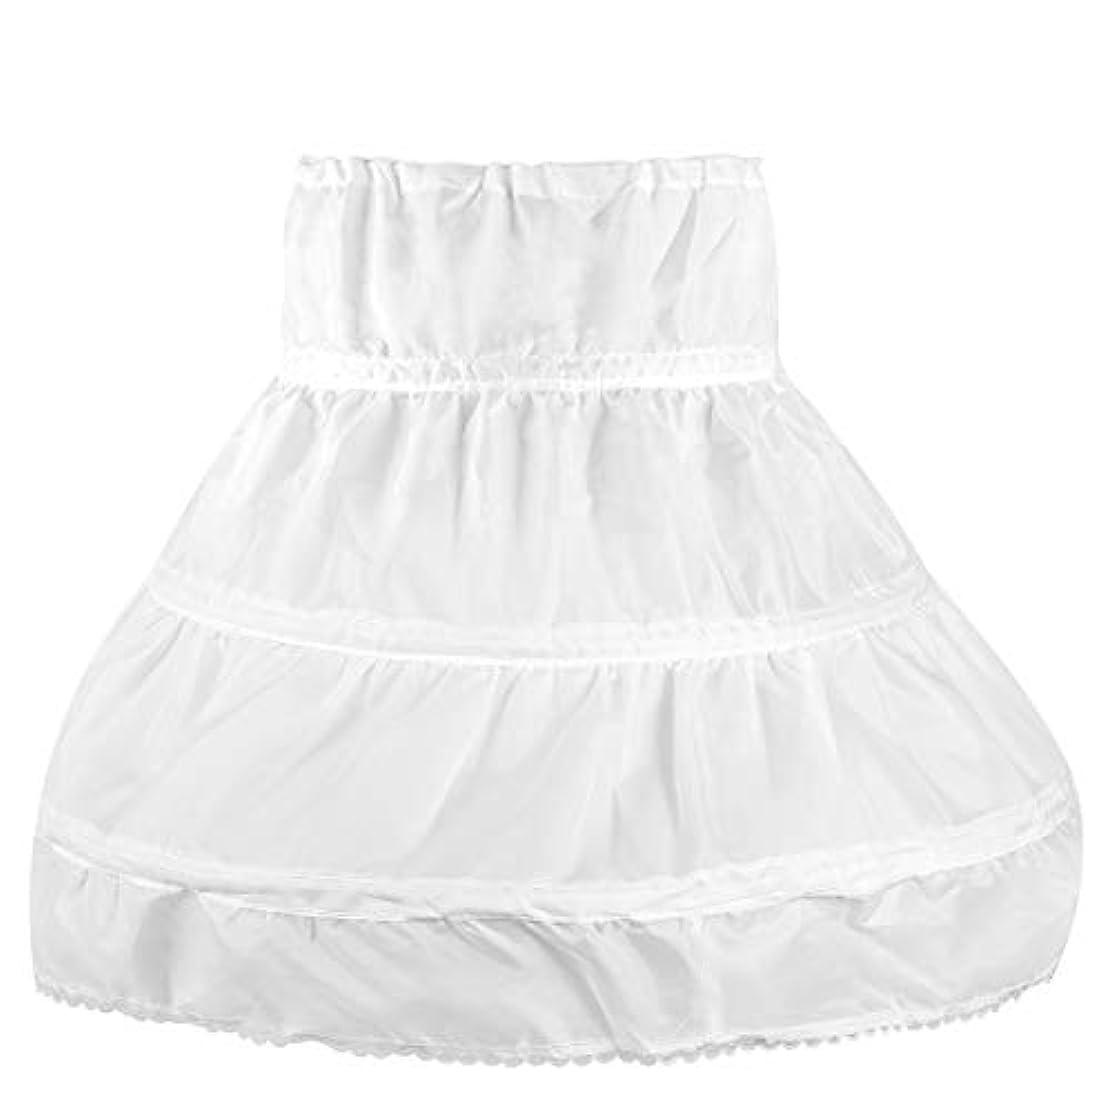 OULII Girls' Petticoat Half Slip 3 Hoop Flower Girl Crinoline Petticoat Skirt